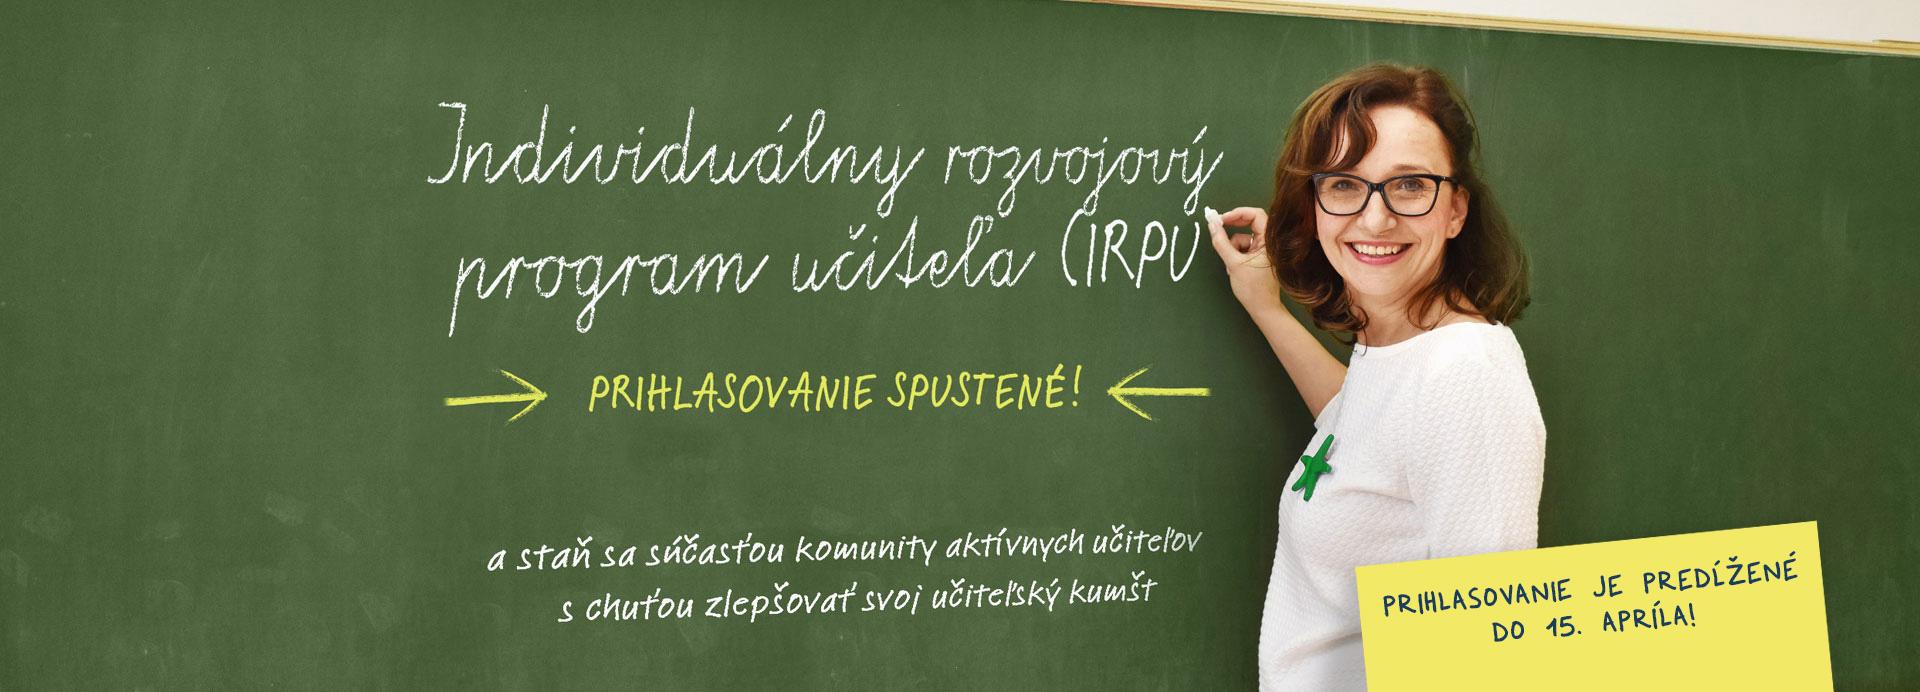 irpu-uvod-desktop-empty-predlzene